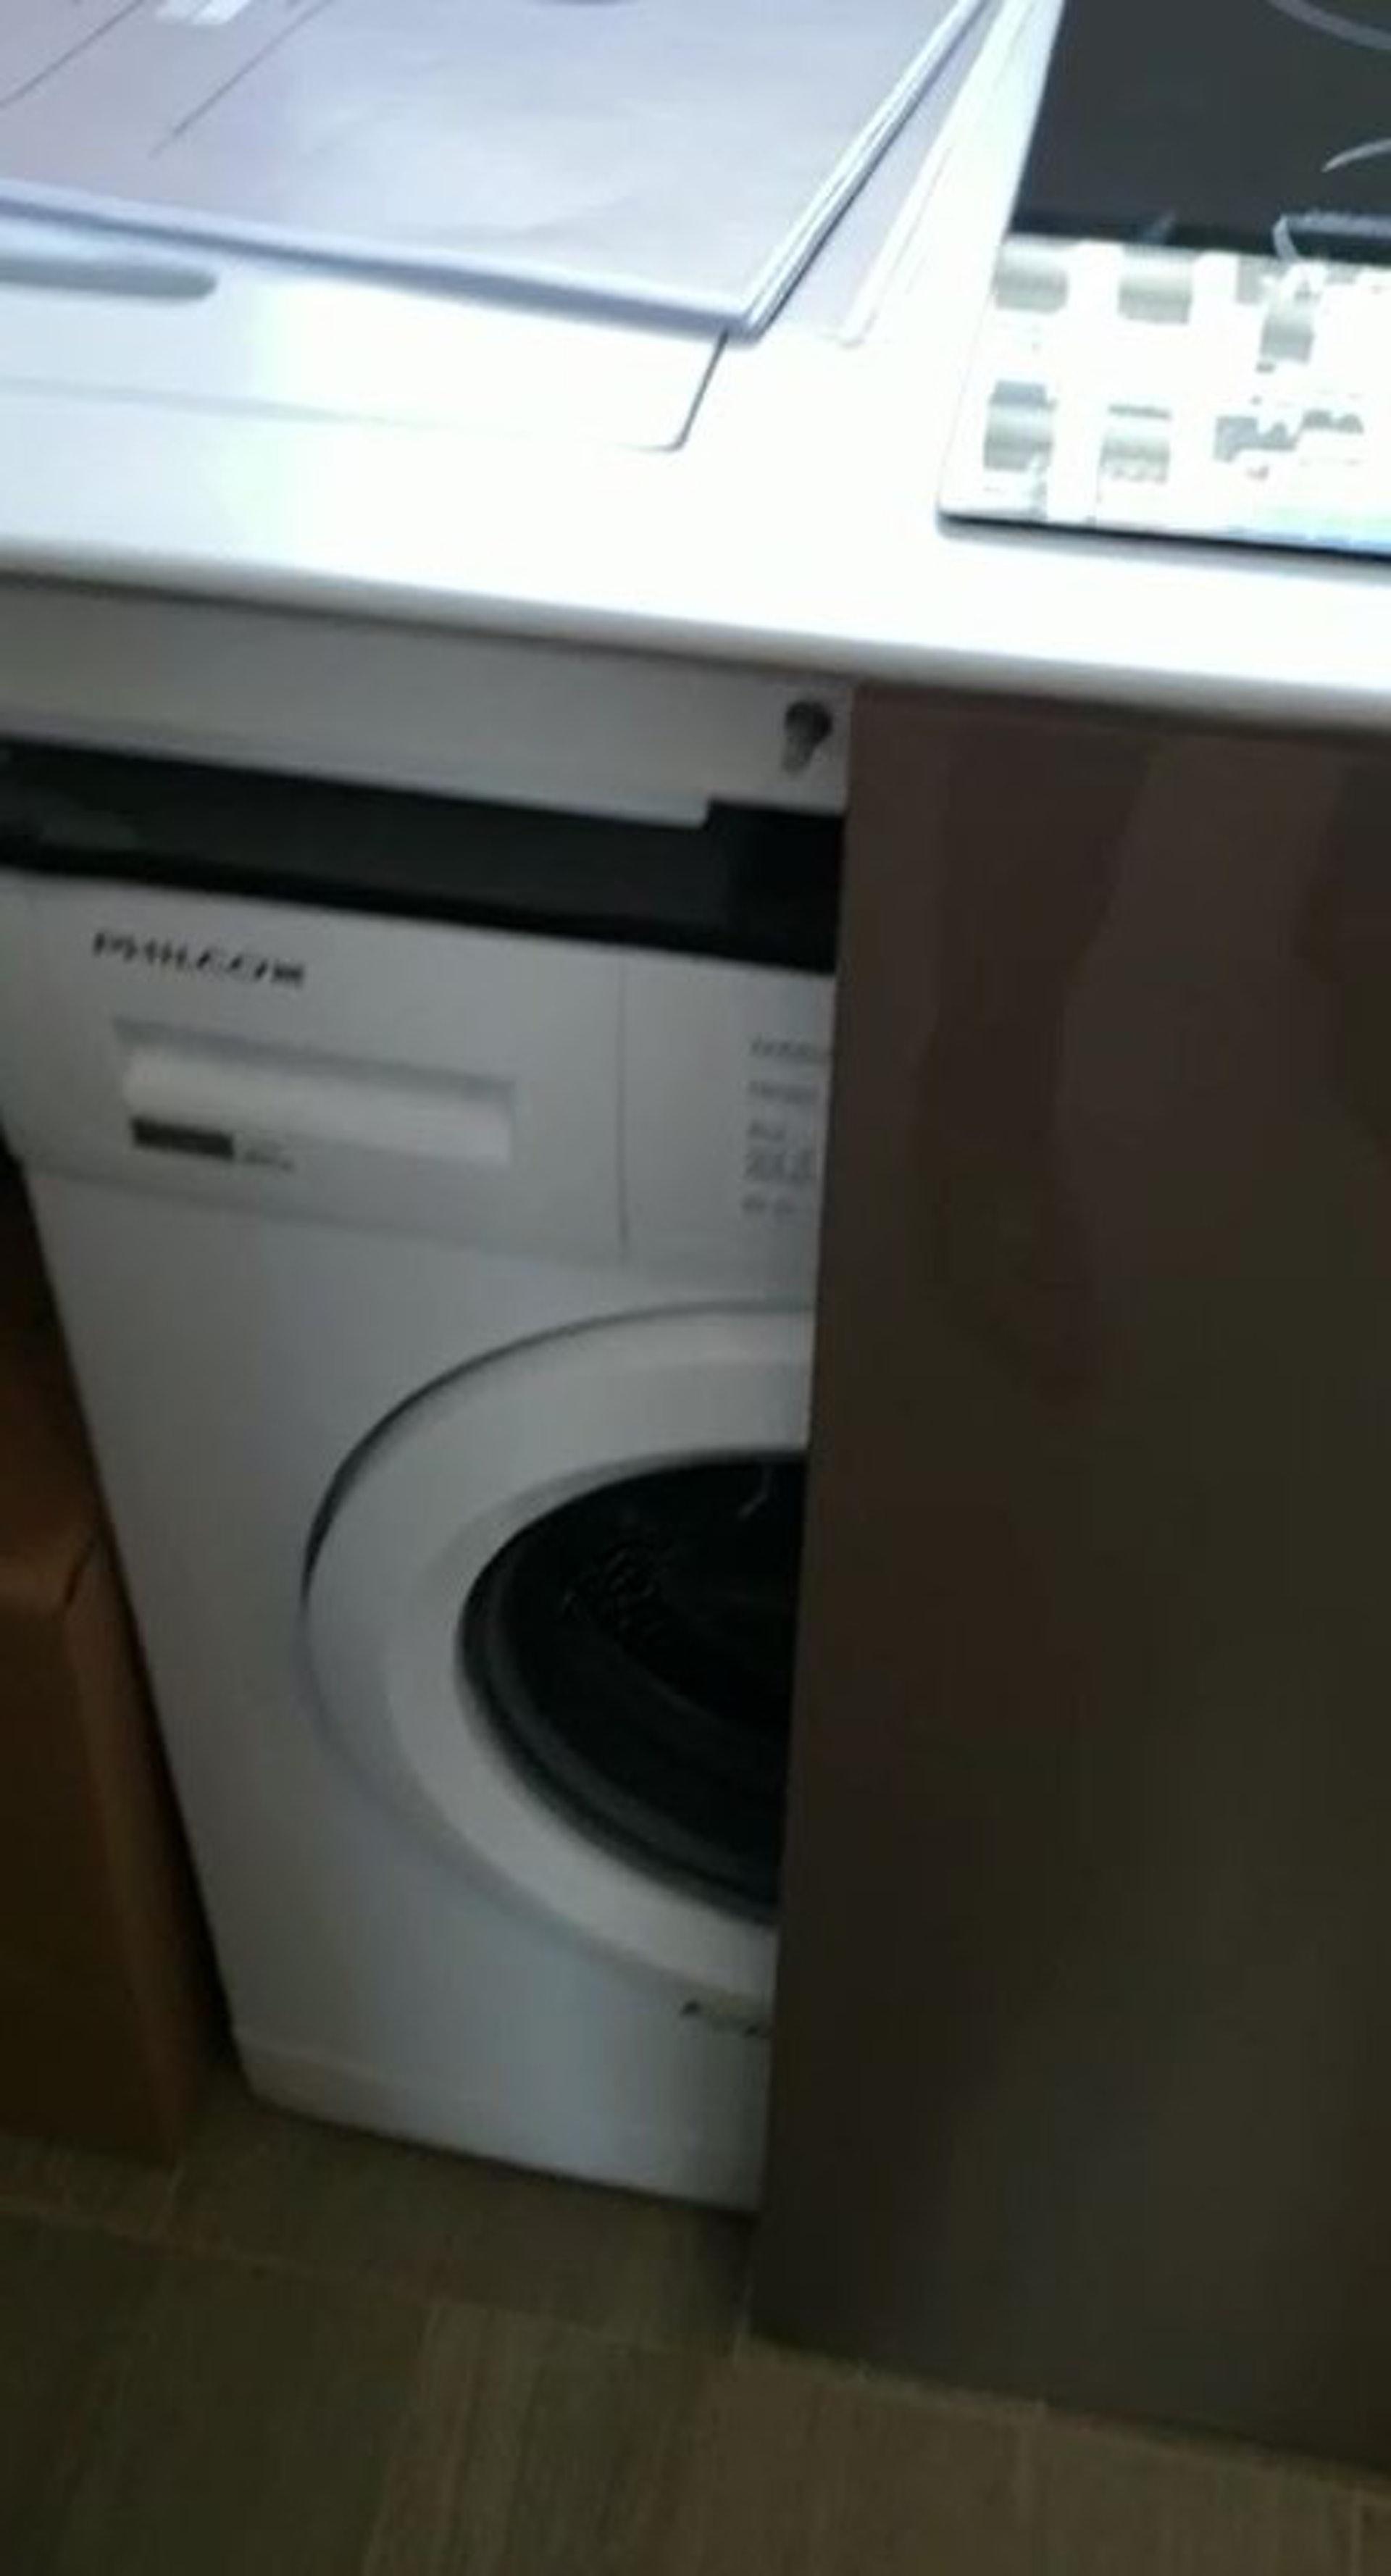 洗衣機放設在開放式廚房的工作枱下。(代理提供片段)